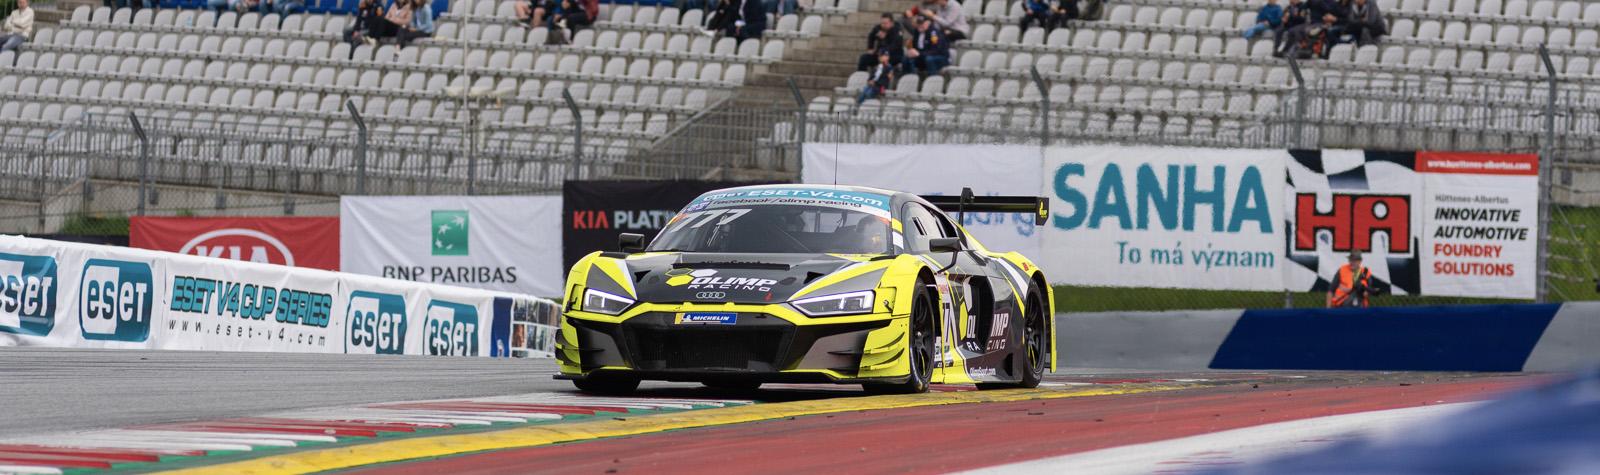 První místo v kvalifikaci v třídě GT3 vybojoval Lisowski